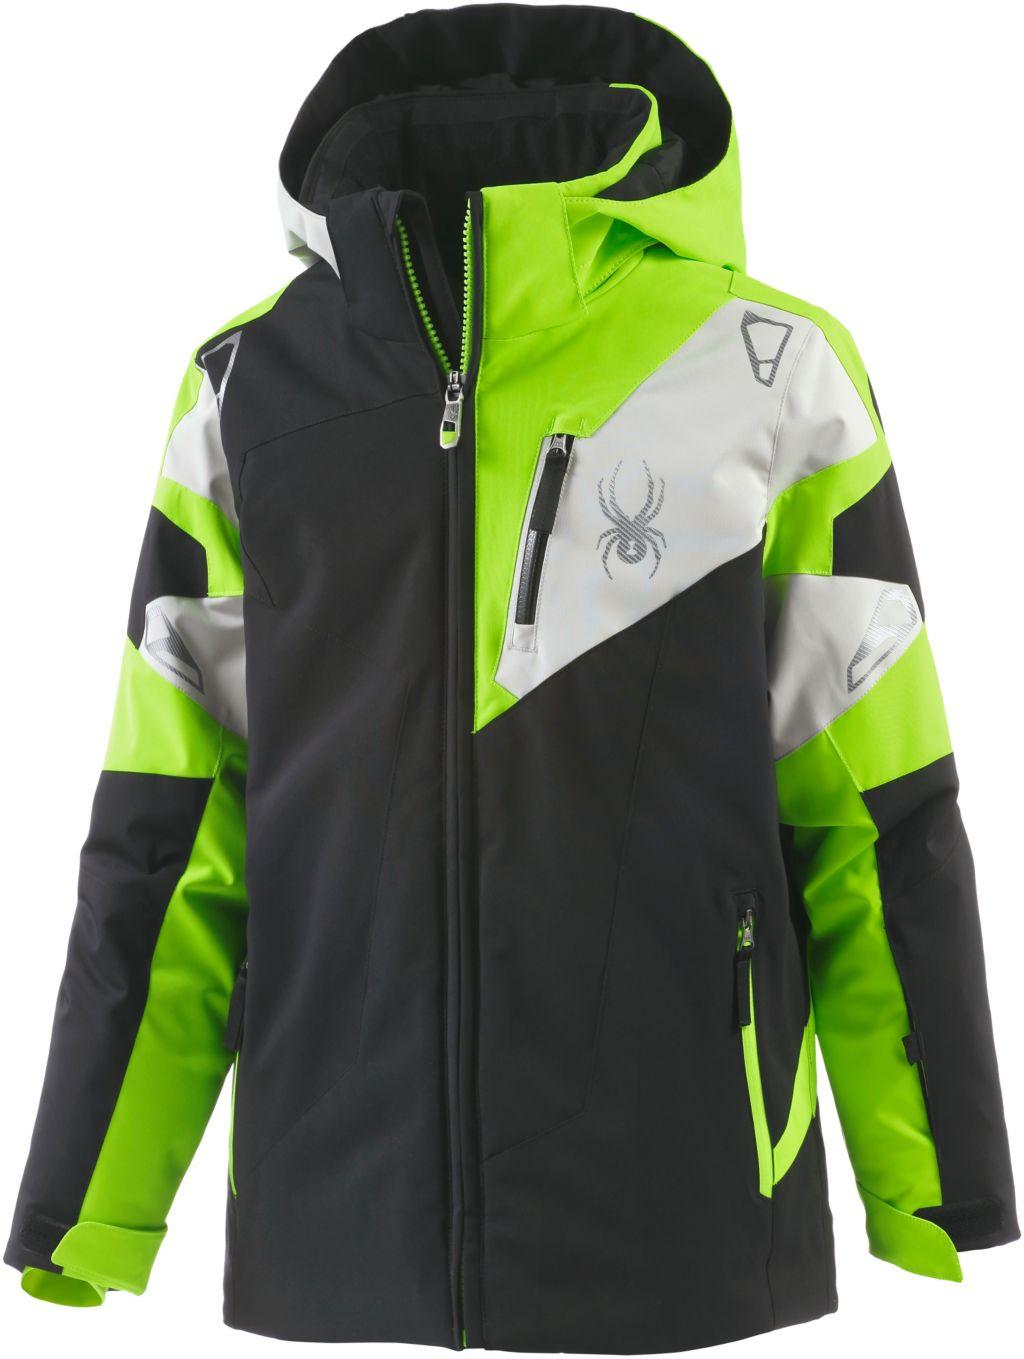 Skijacke Jungen in schwarz/grün/grau, Größe 128